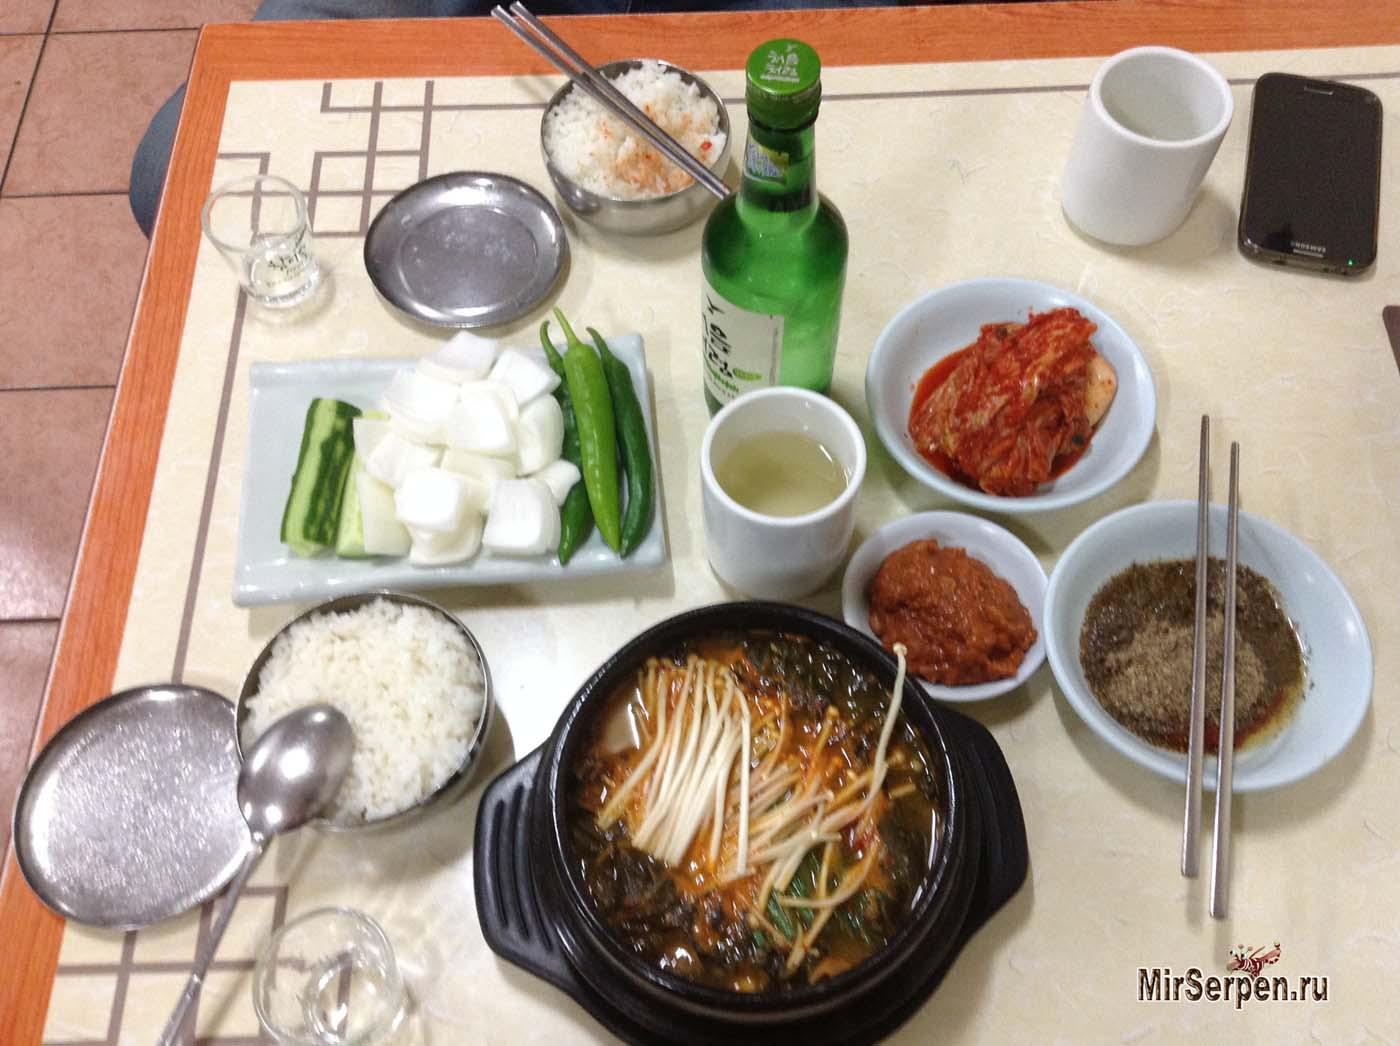 Я реально съел это: Суп с собакой в Южной Корее